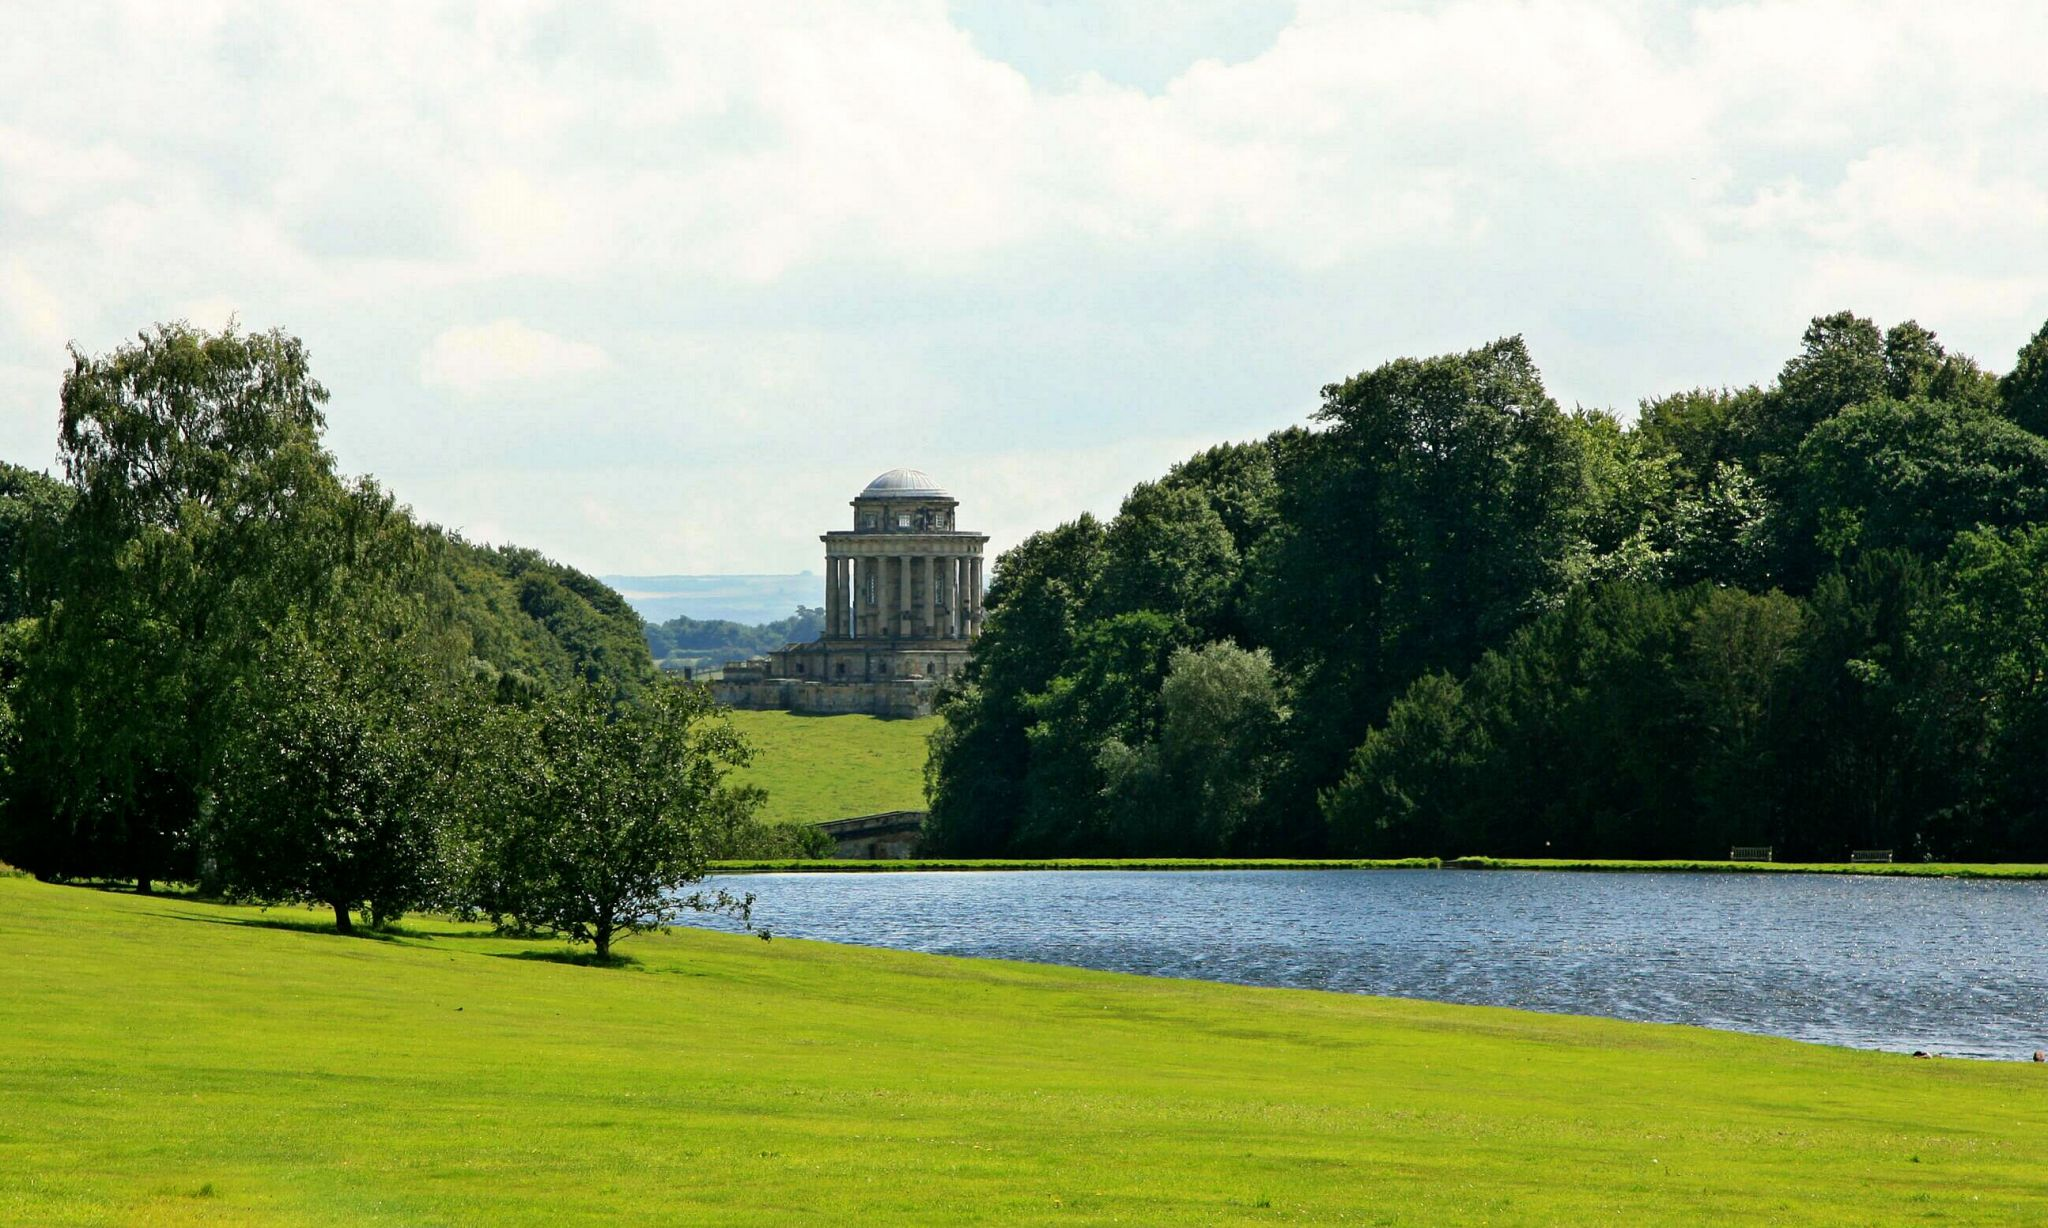 Blick auf das Mausoleum von Castle Howard, United Kingdom